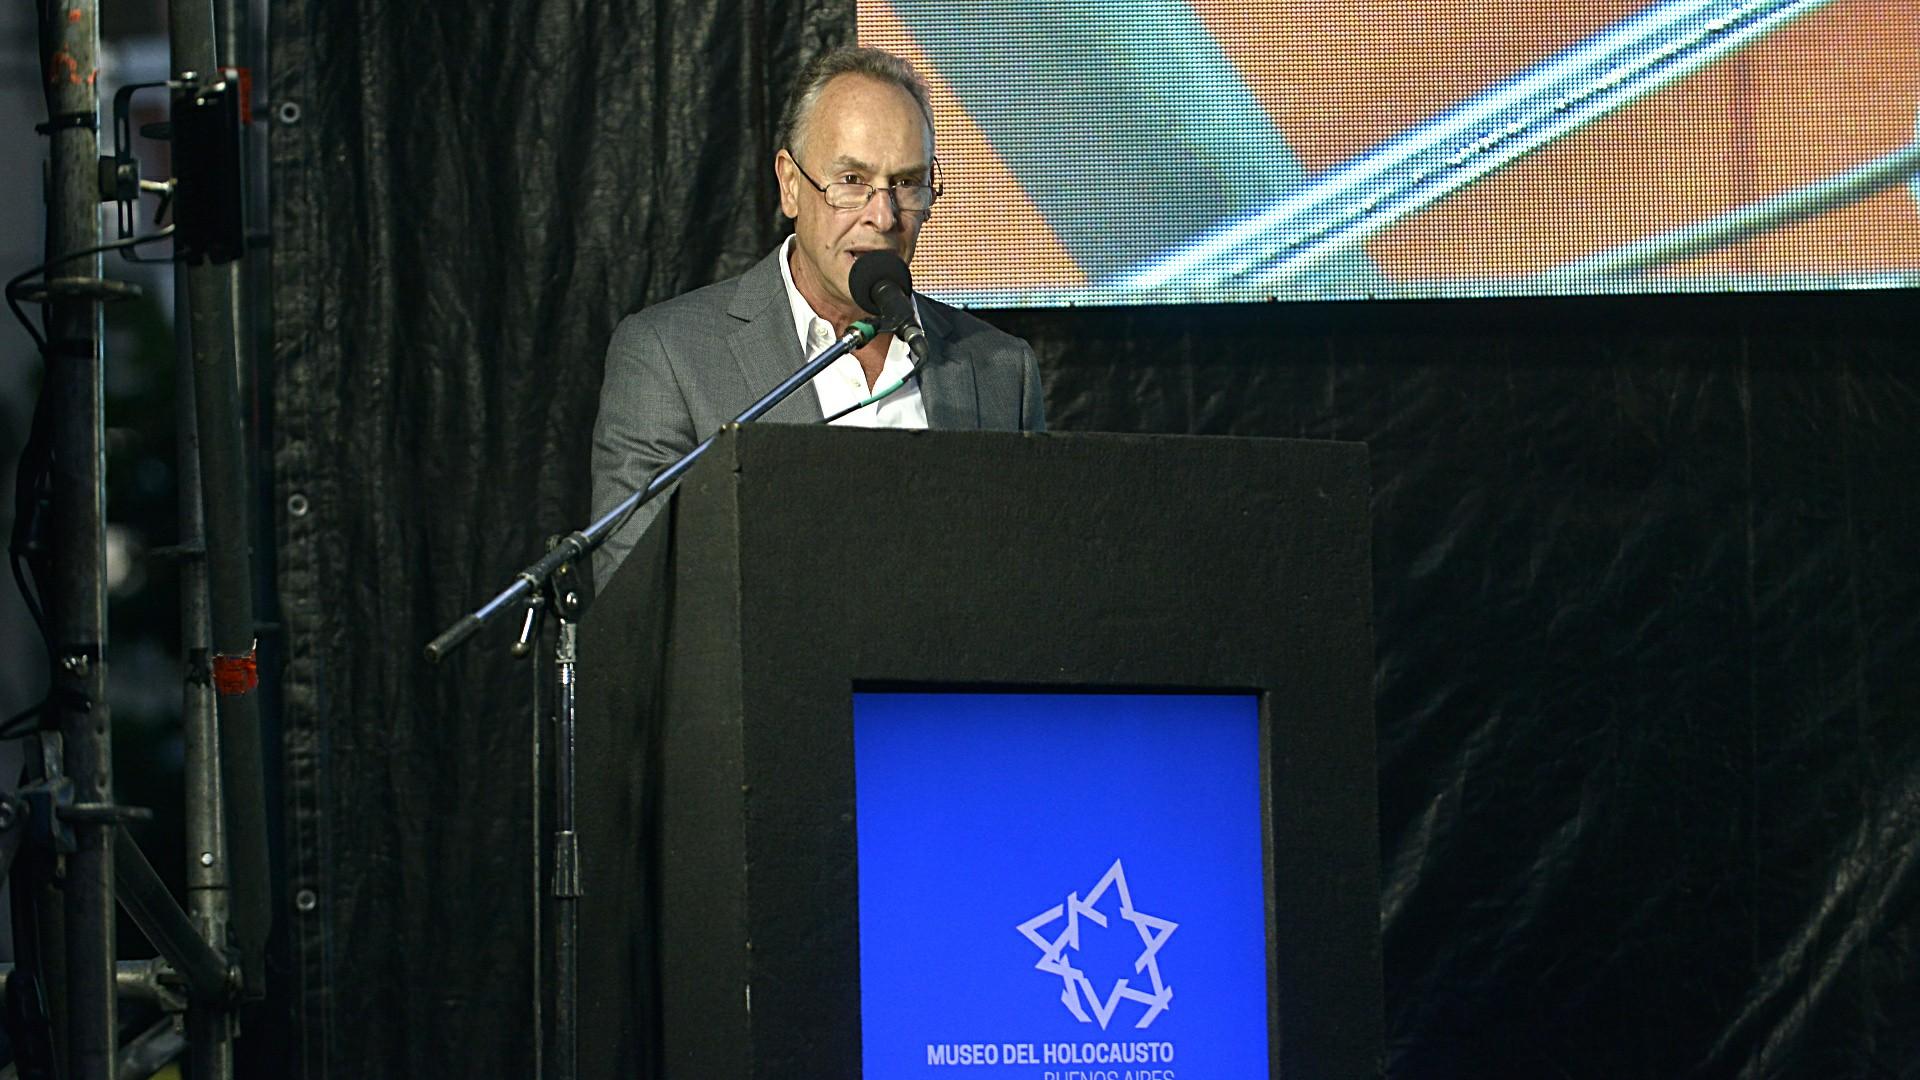 Marcelo Mindlin, titular de la Fundación del Museo del Holocausto, agradeció por el apoyo económico y personal que implicó la reinauguración tras dos años de intenso trabajo